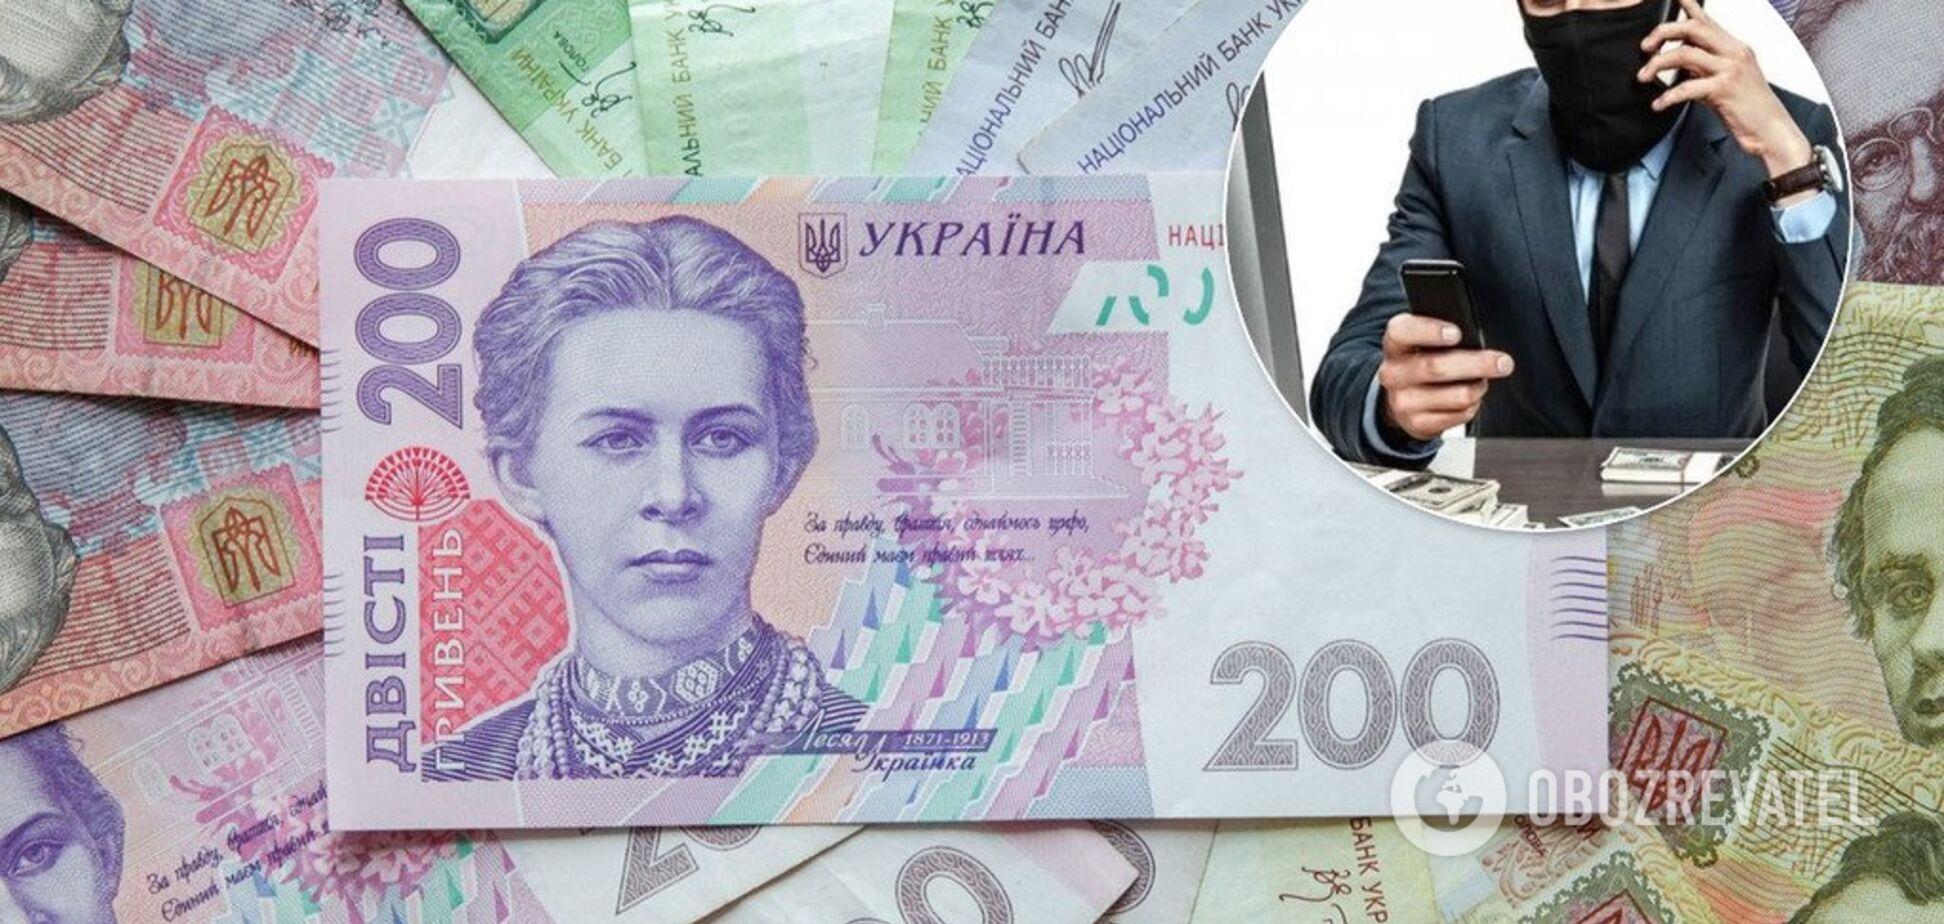 'Двоповерхова афера' з кредитами: українців попередили про нову небезпеку